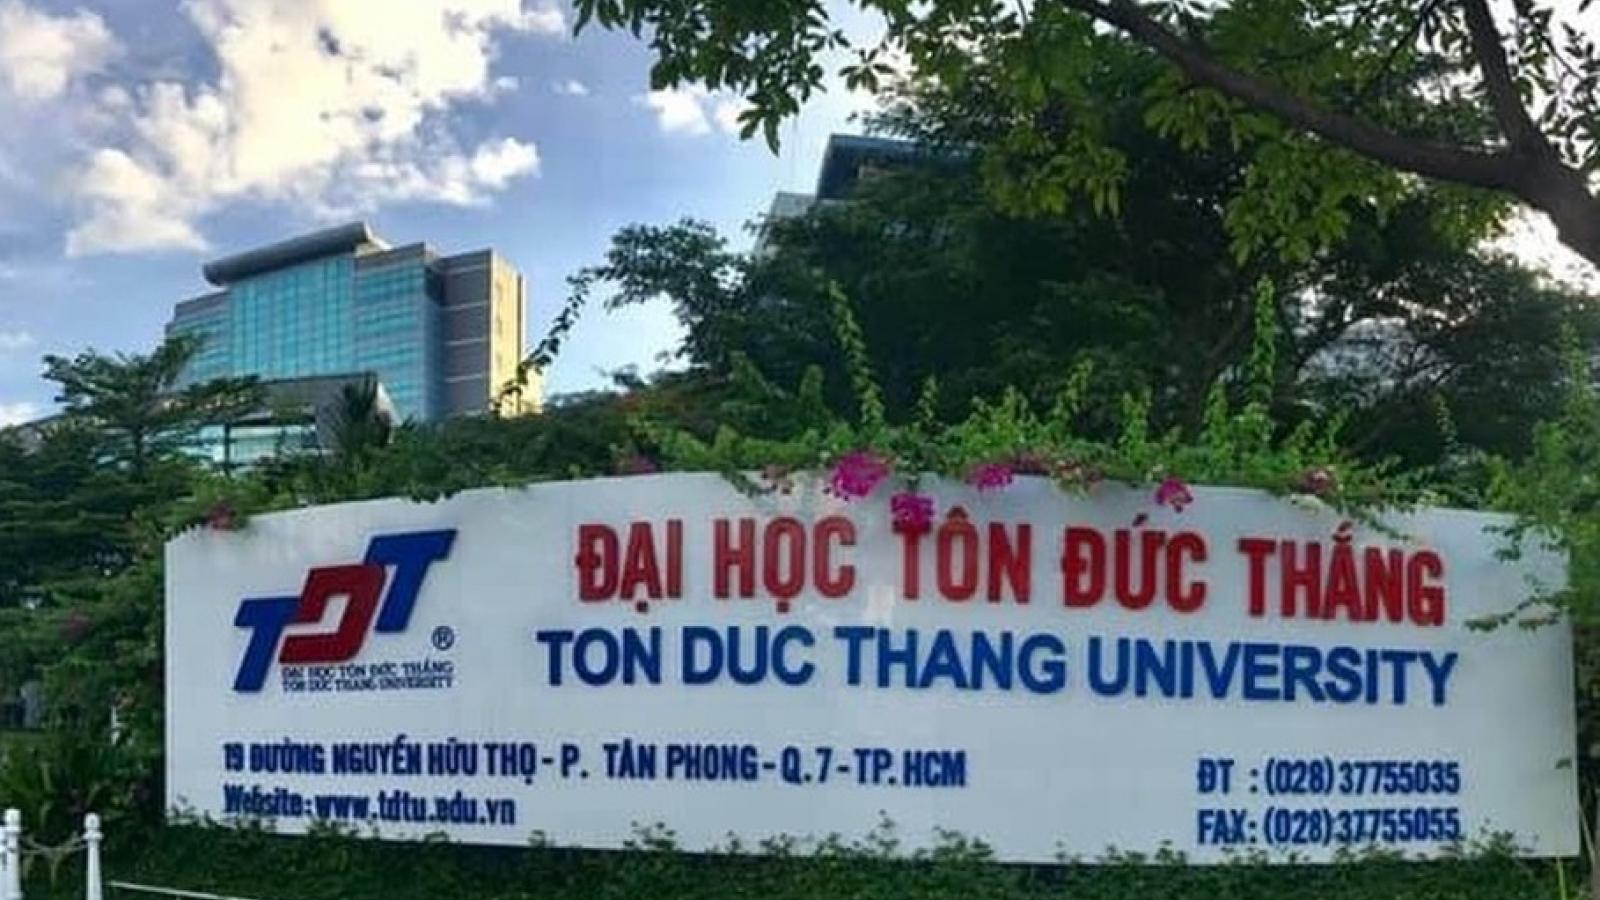 Sẽ công khai báo cáo hoạt động của Trường Đại học Tôn Đức Thắng